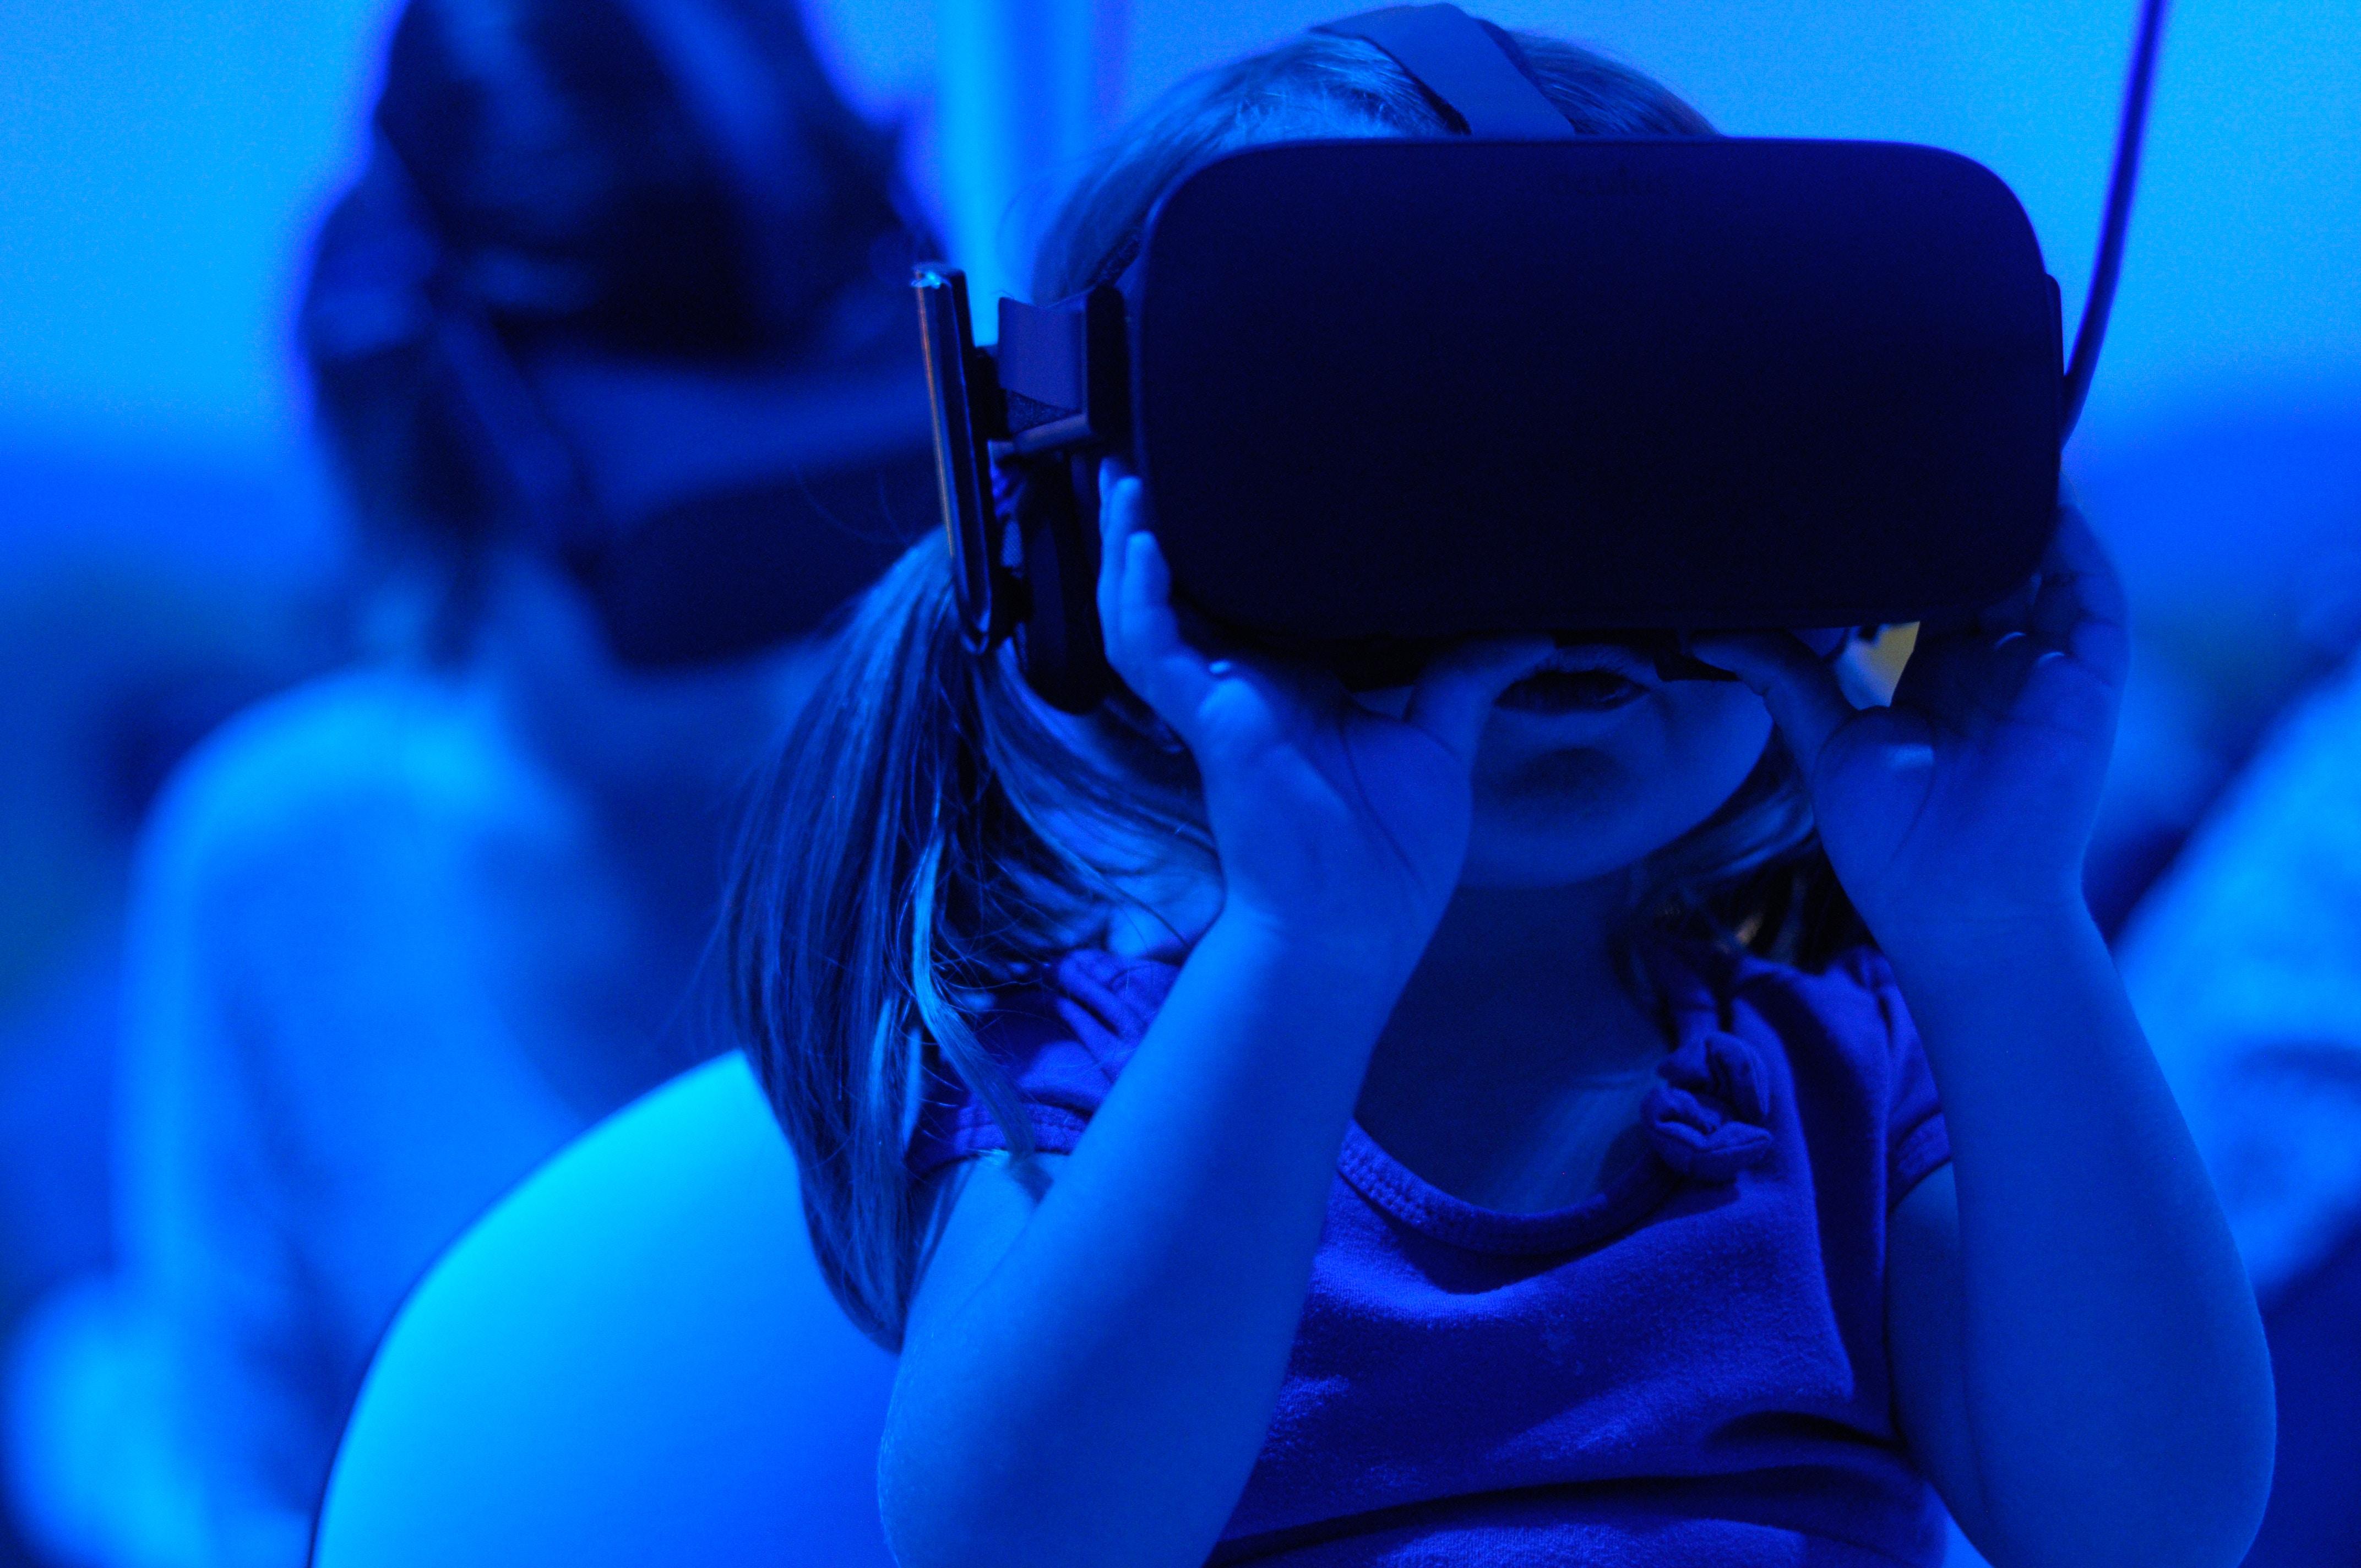 Barn og medier. Historiefortelling og medvirkning på ulike plattformer